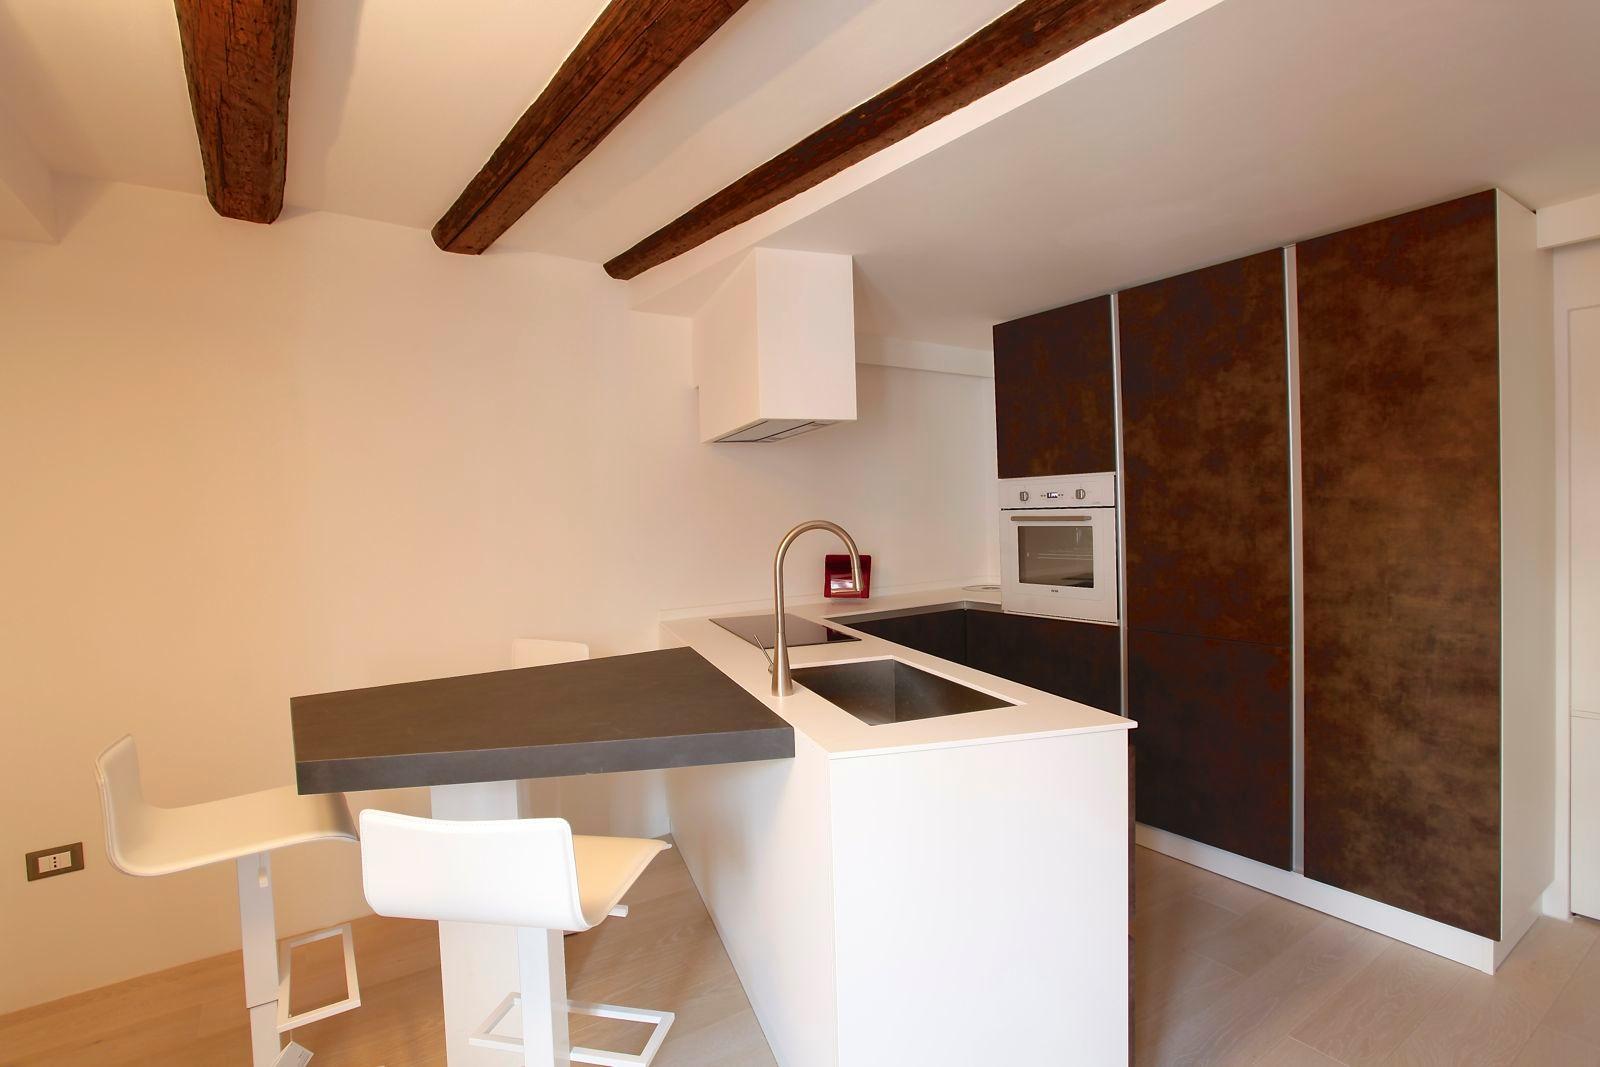 Ristrutturazione completa appartamento - Cucine per miniappartamenti ...